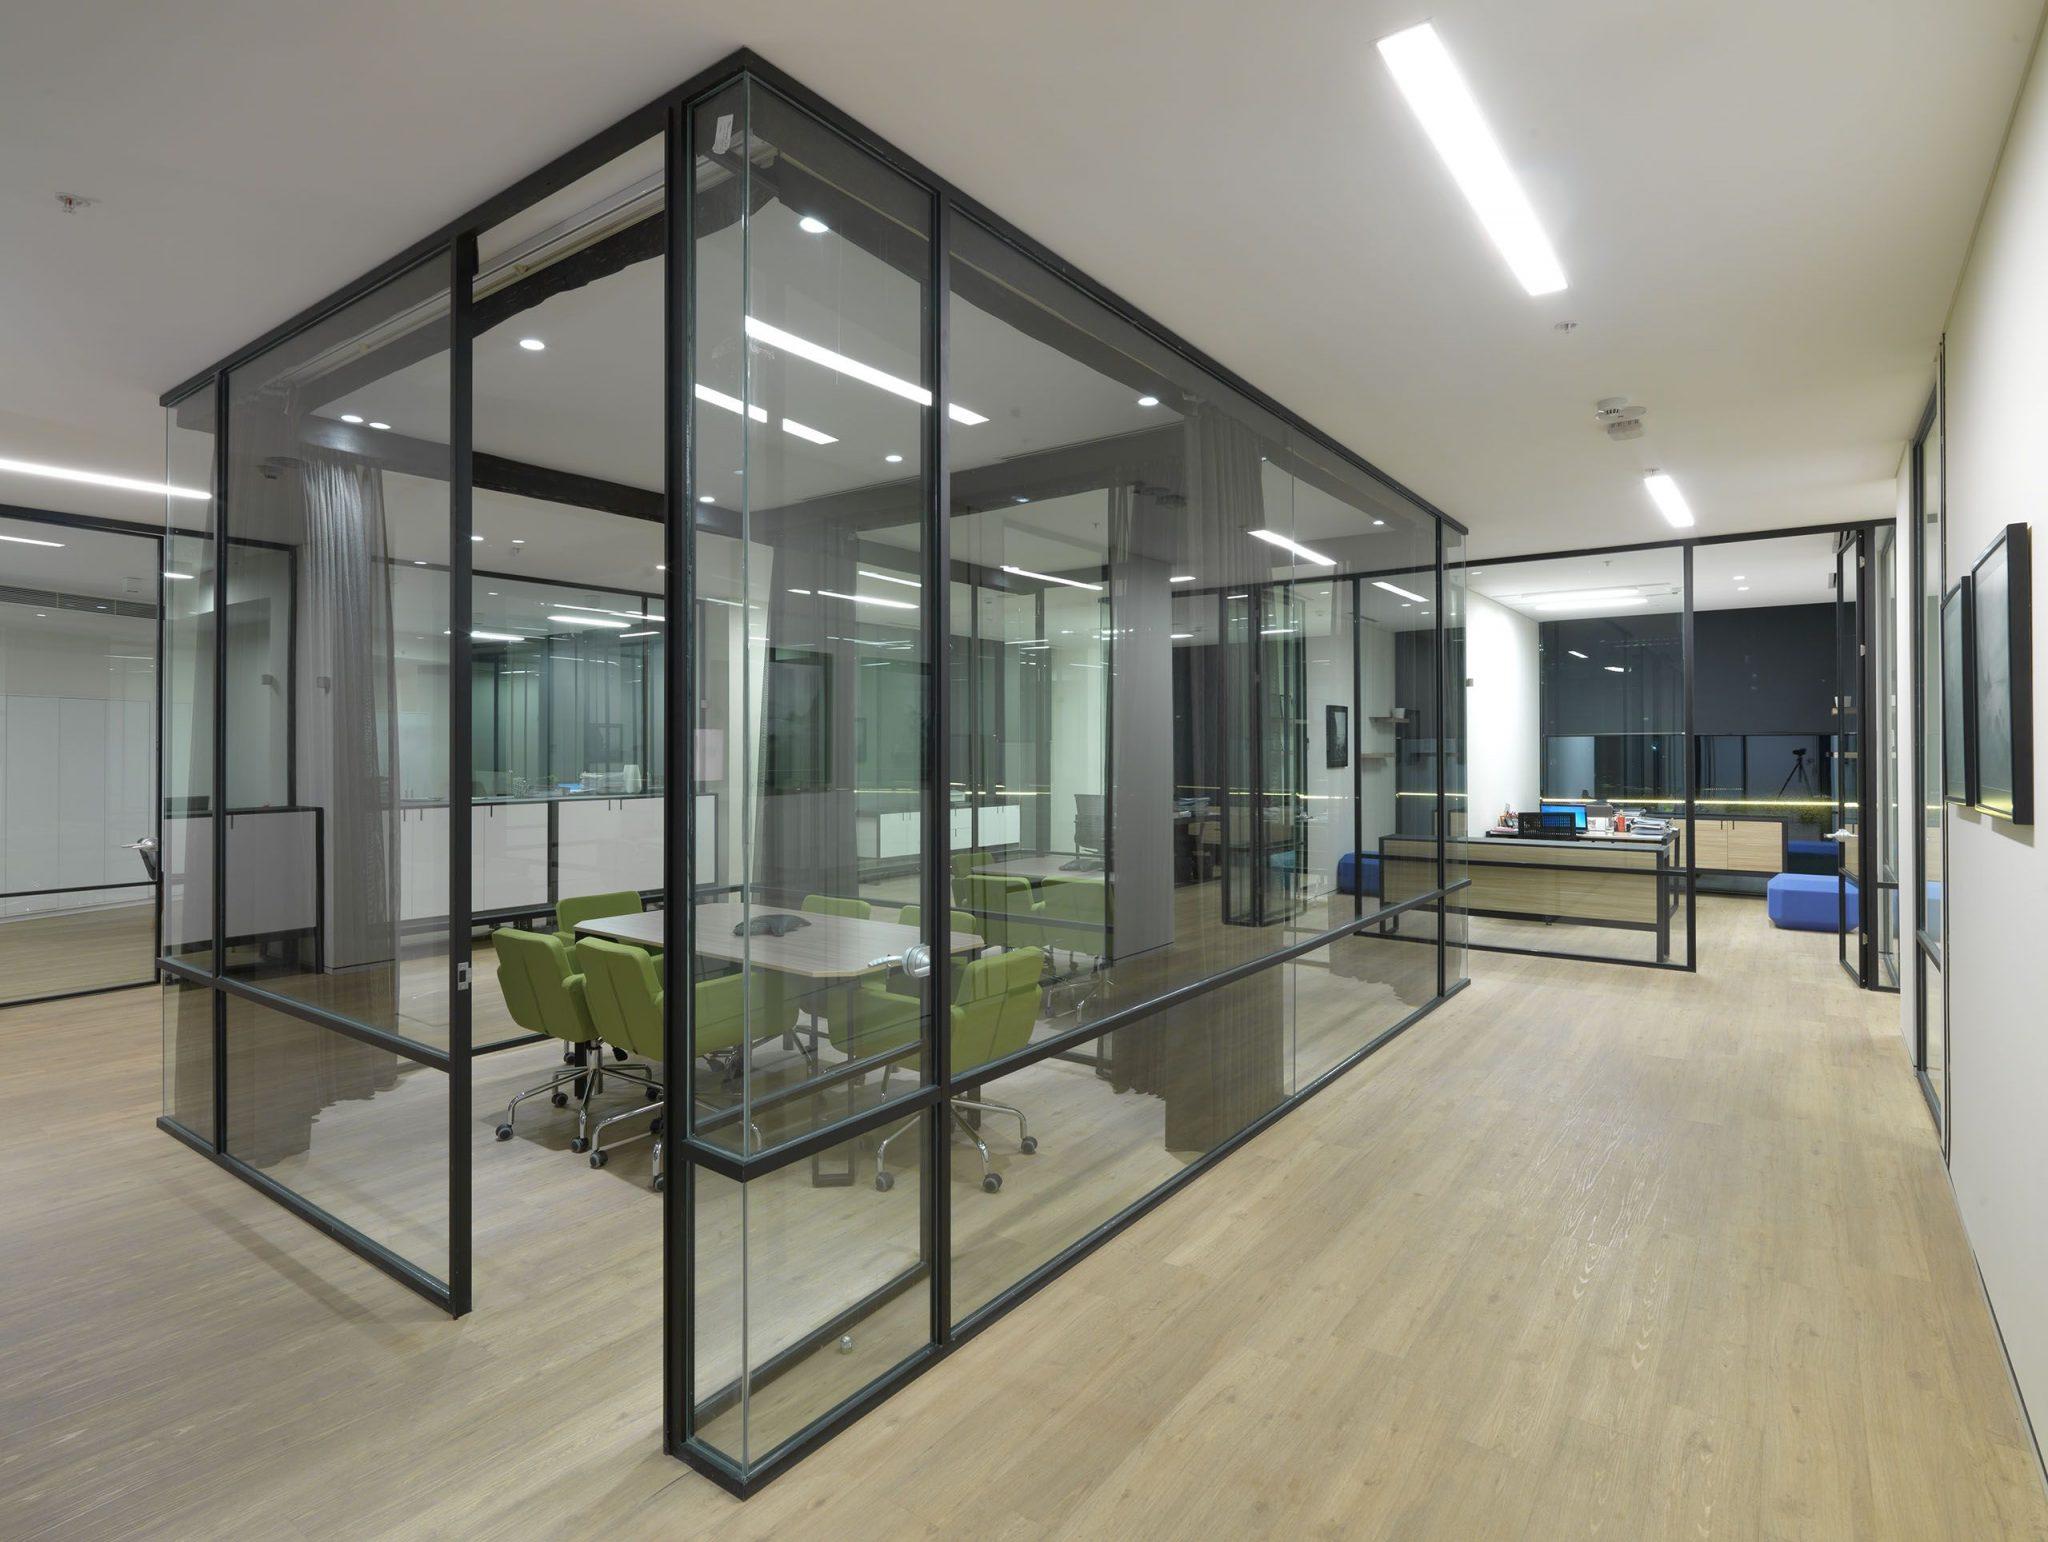 divisoria-alto-padrao-piso-teto-gaiola-vidro-aluminio-preto.jpg